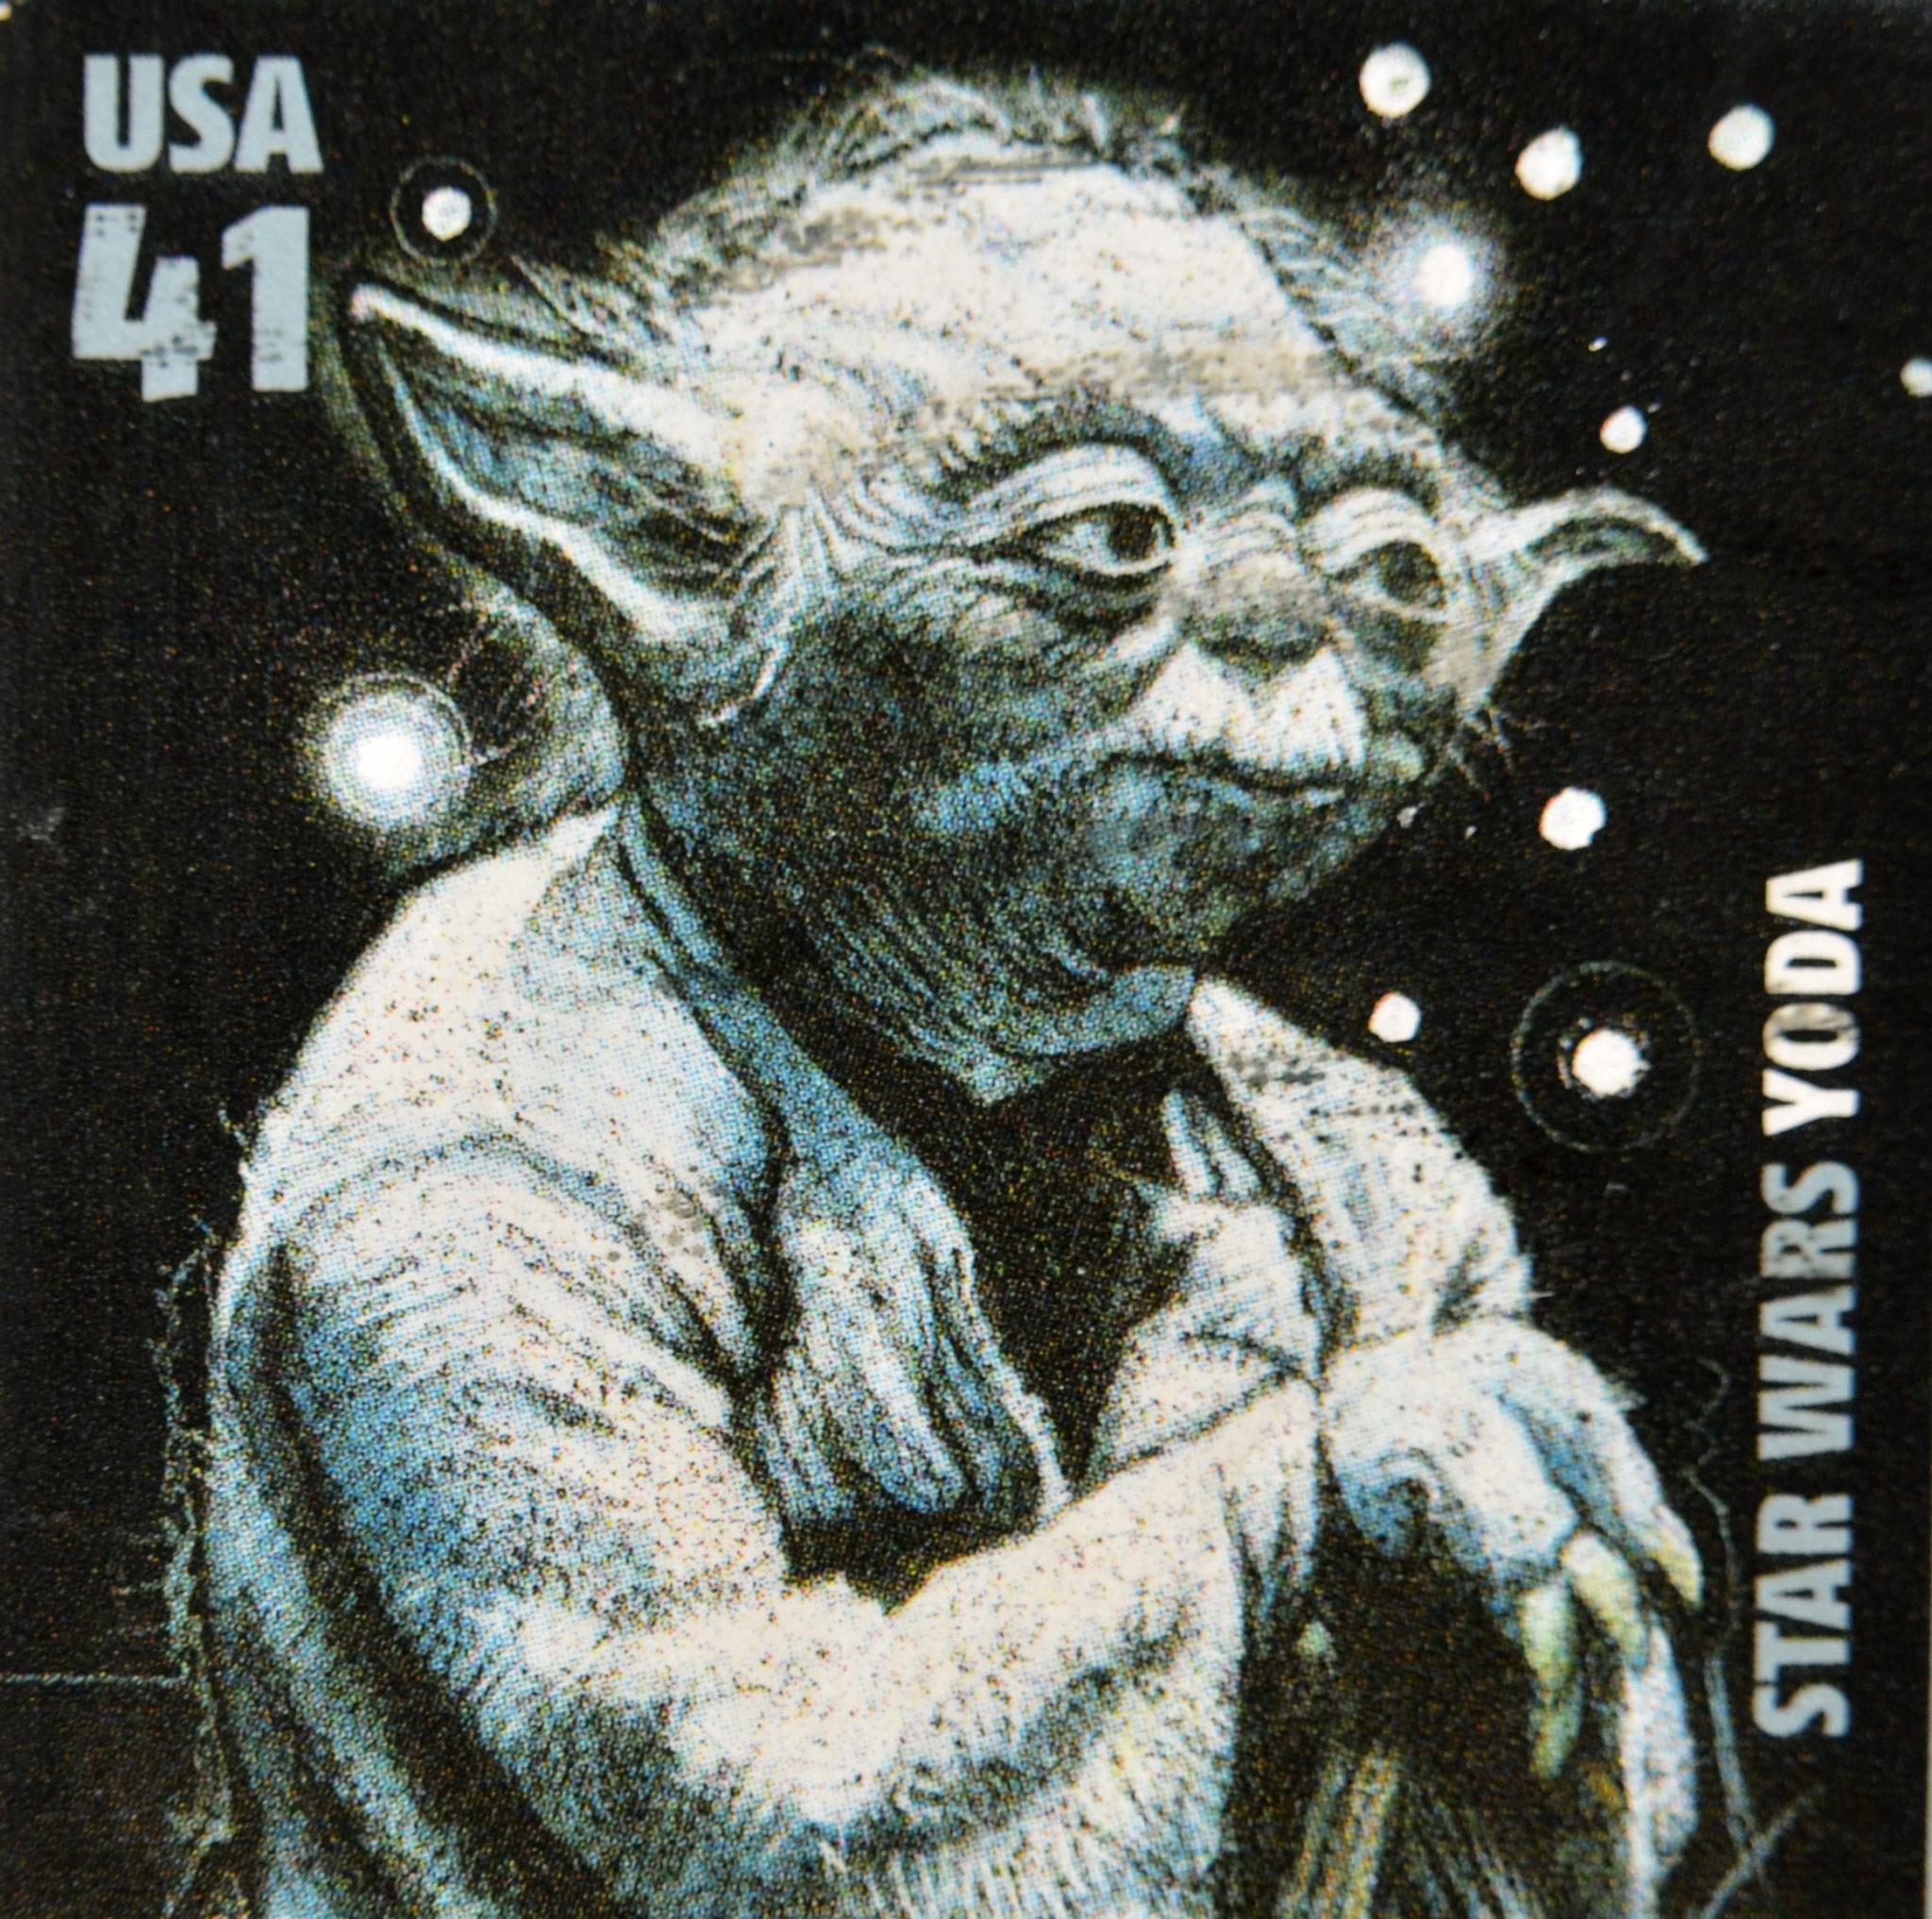 The Yellen era: Yoda as Fed chair